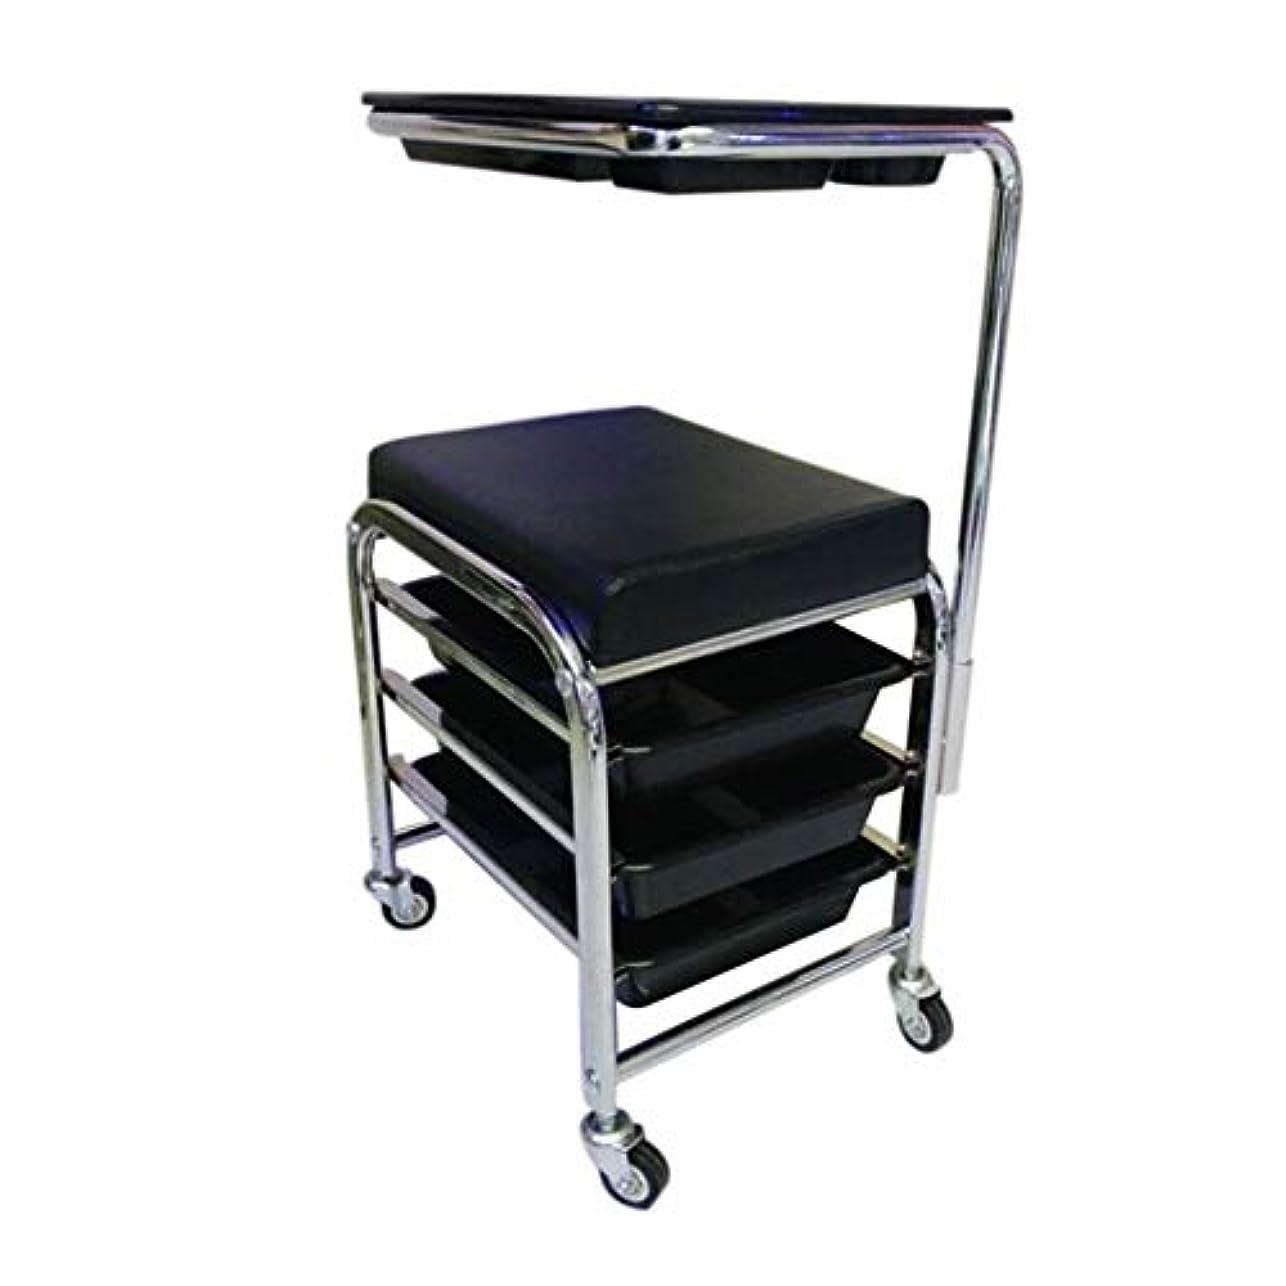 HIZLJJ マニキュアペディキュアブラックネイルカートスツール椅子サロンSPA 3引き出し付きのフットレスト付きw